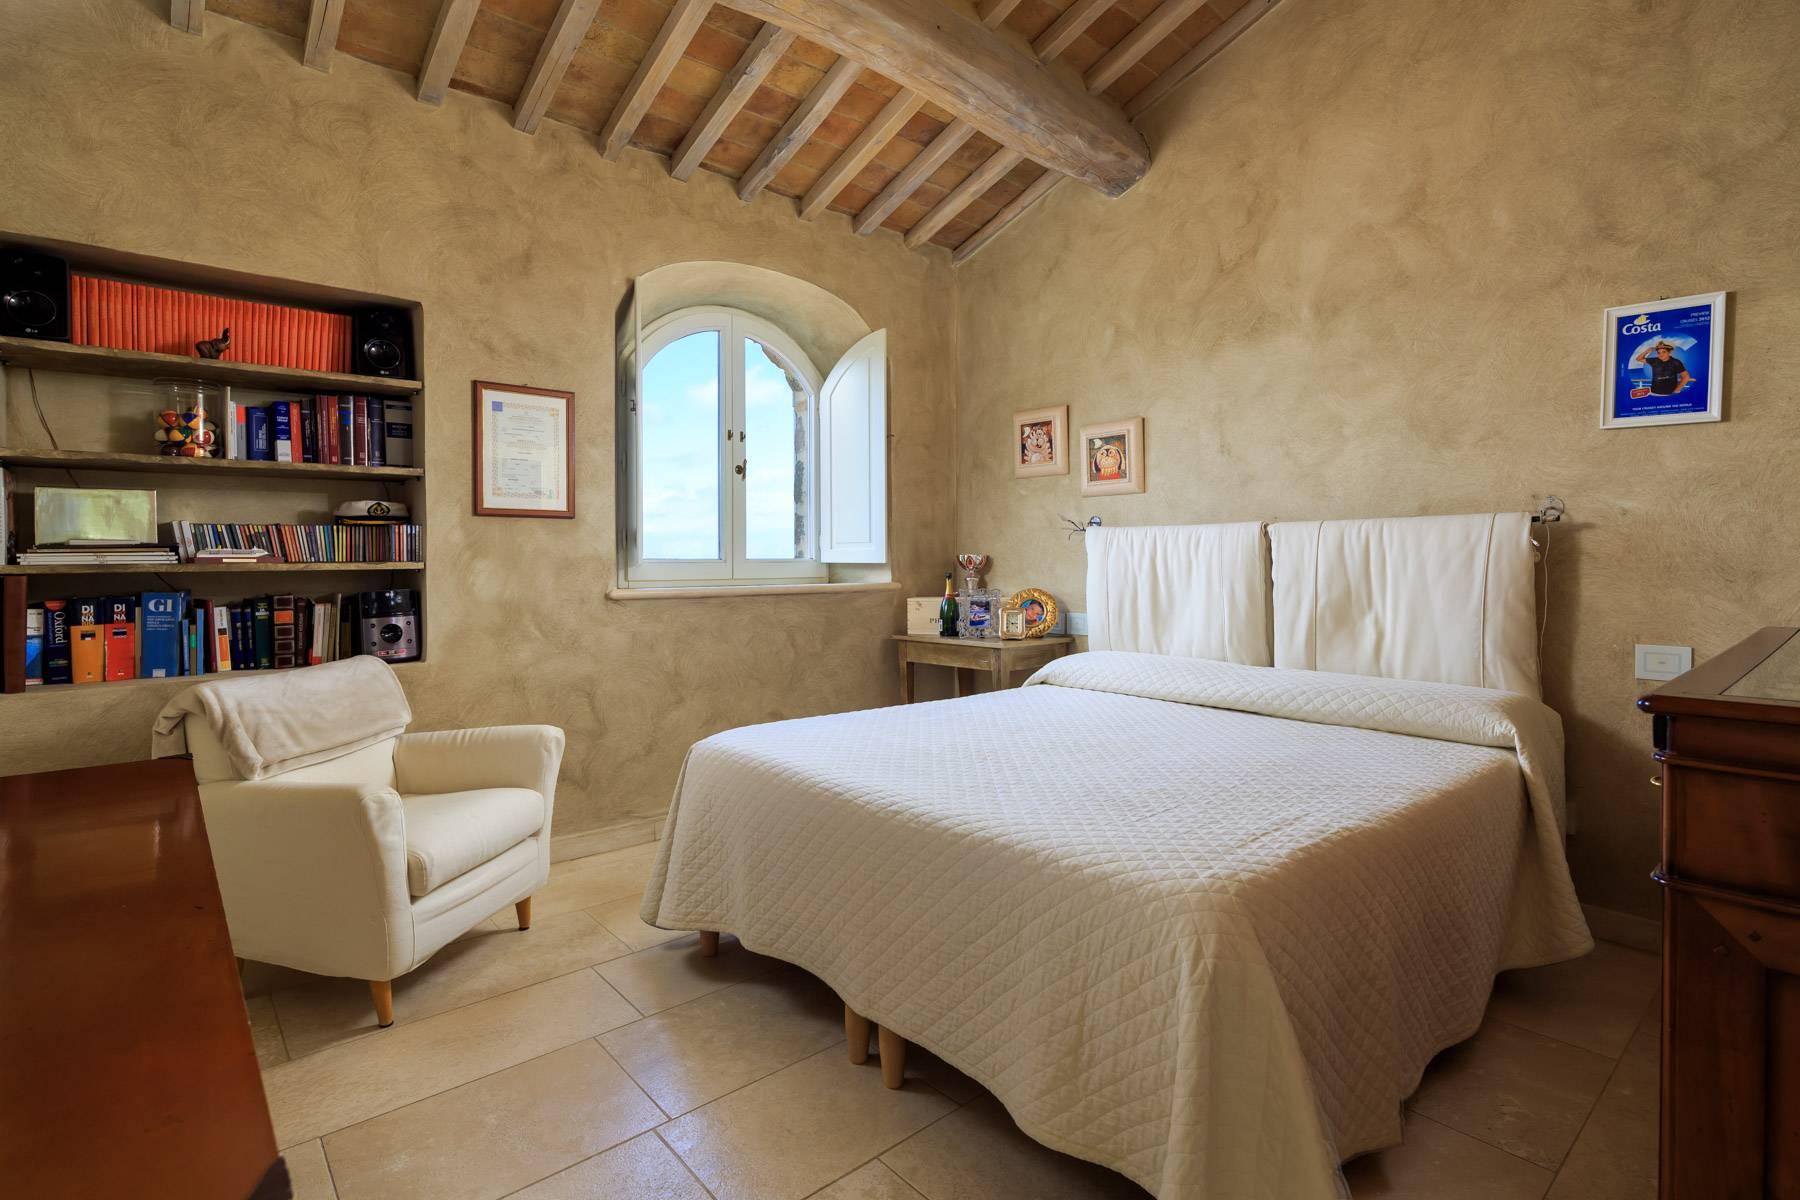 Rustico in Vendita a Montalcino: 5 locali, 300 mq - Foto 16